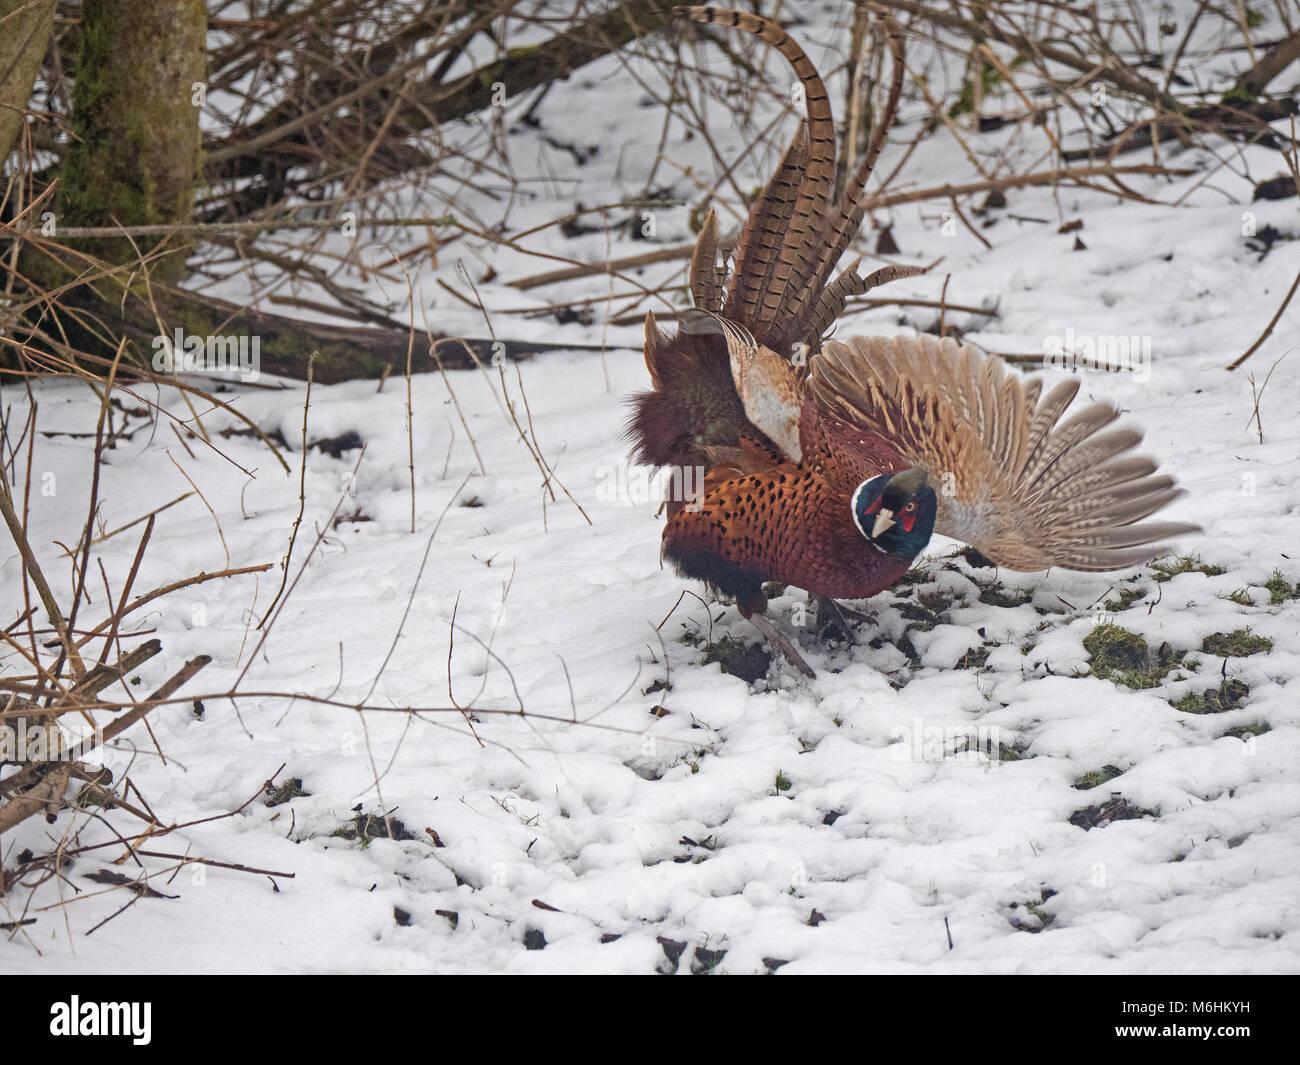 Pheasant Woodland Stock Photos & Pheasant Woodland Stock Images - Alamy